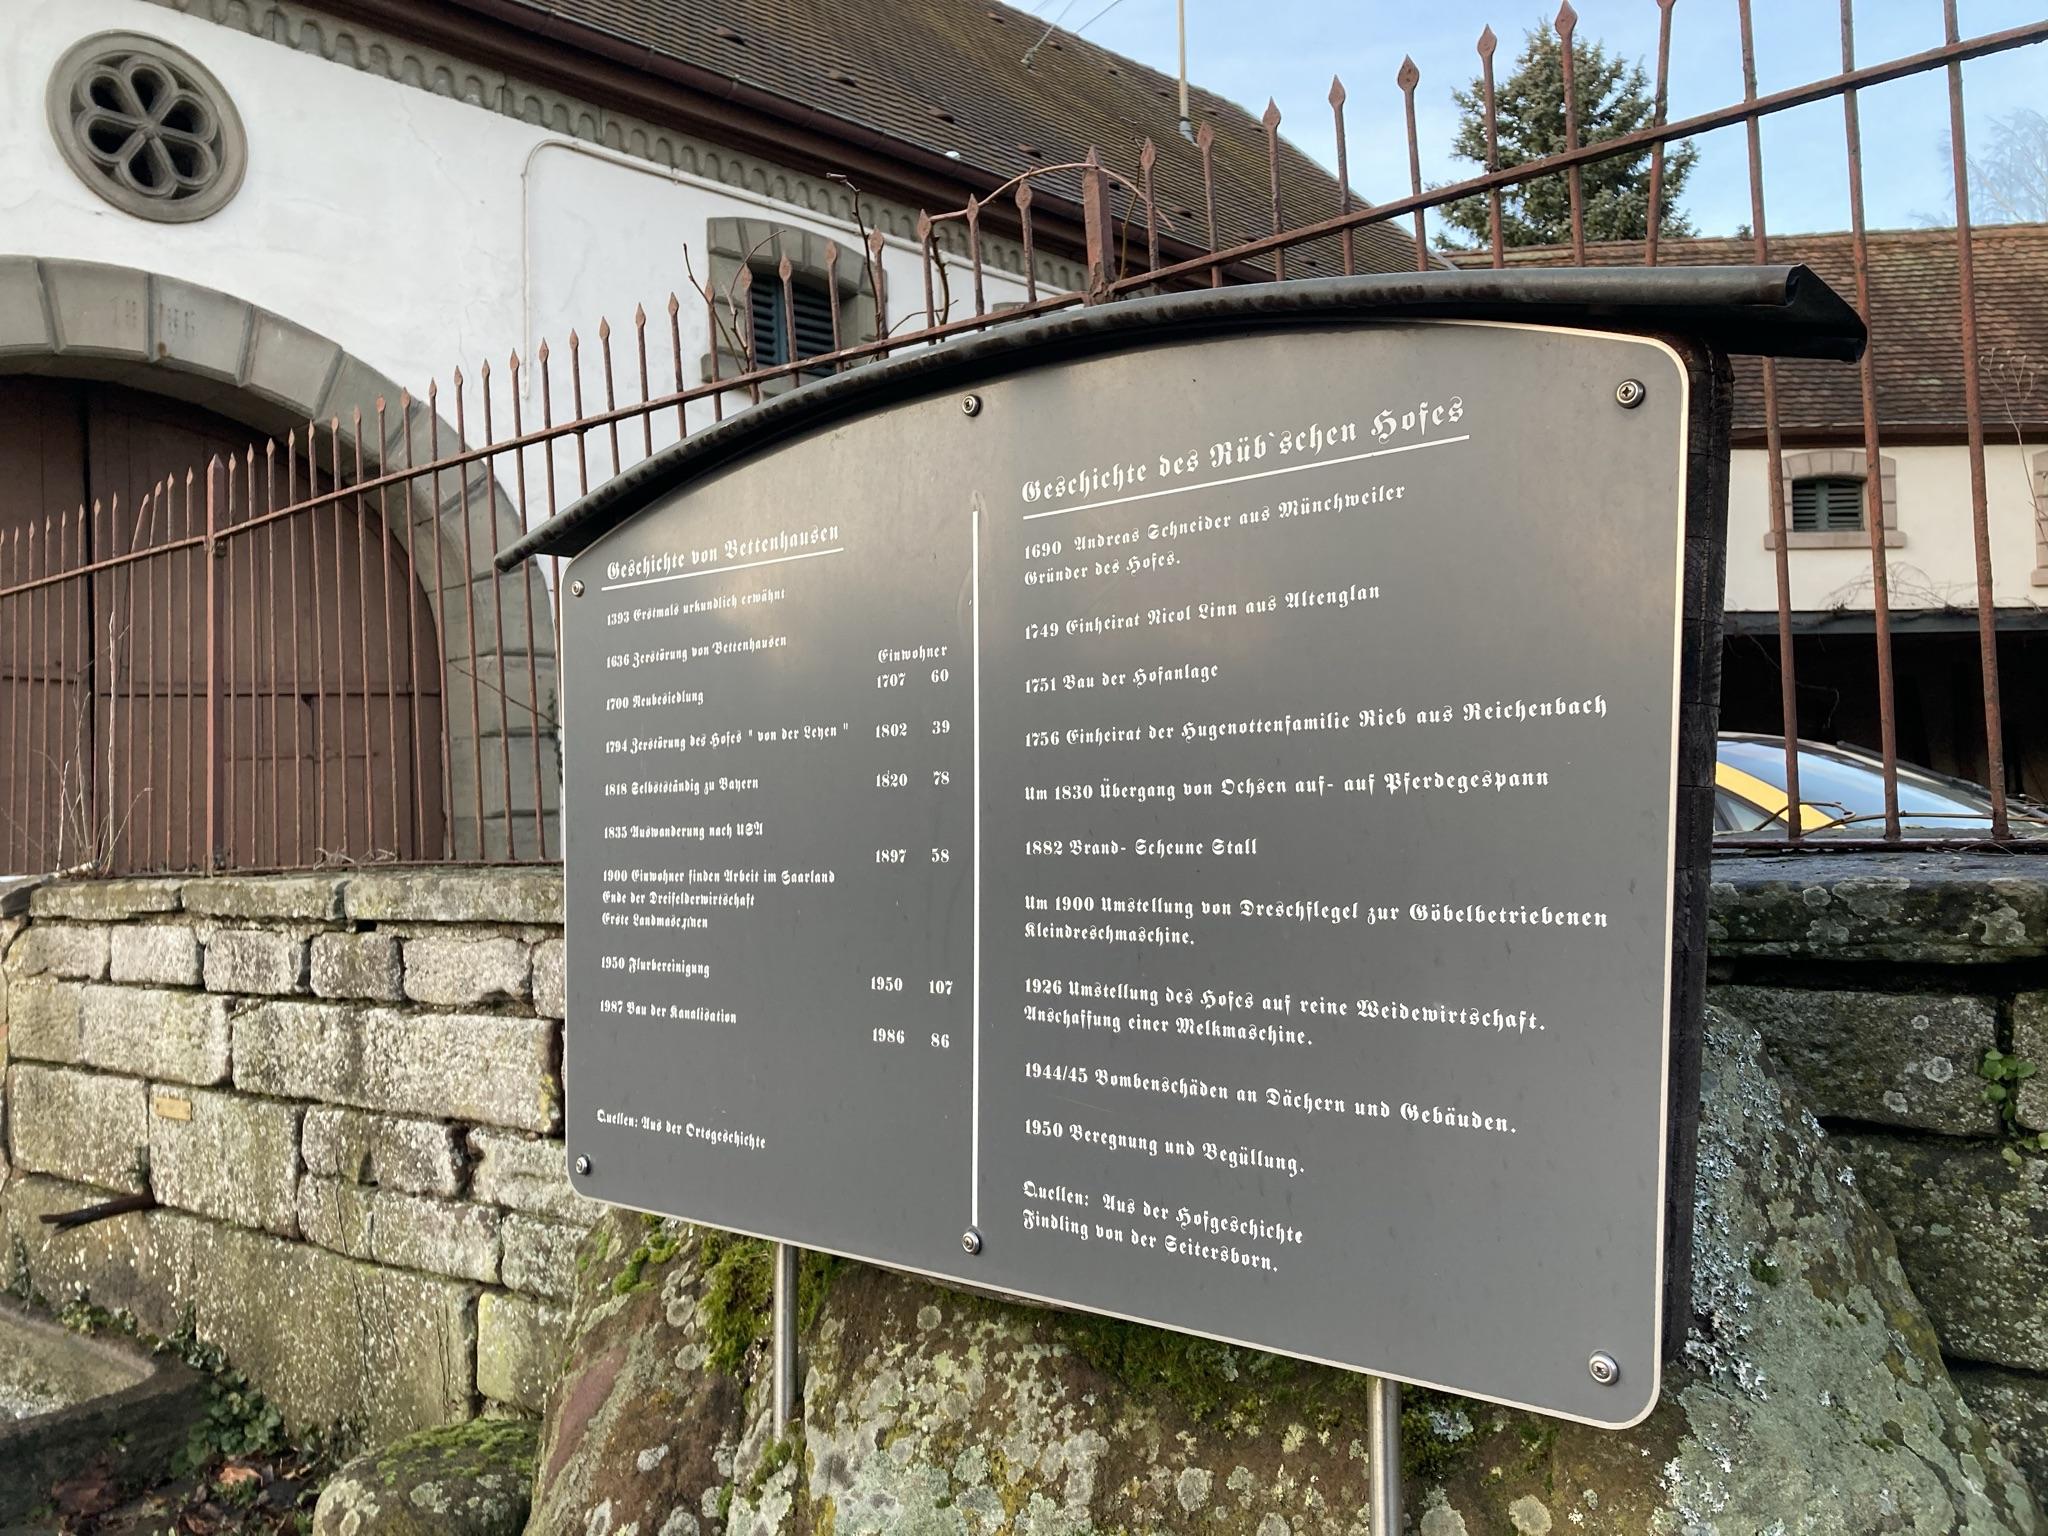 Ortstafel Bettenhausen Hintergrund Scheune Rüb